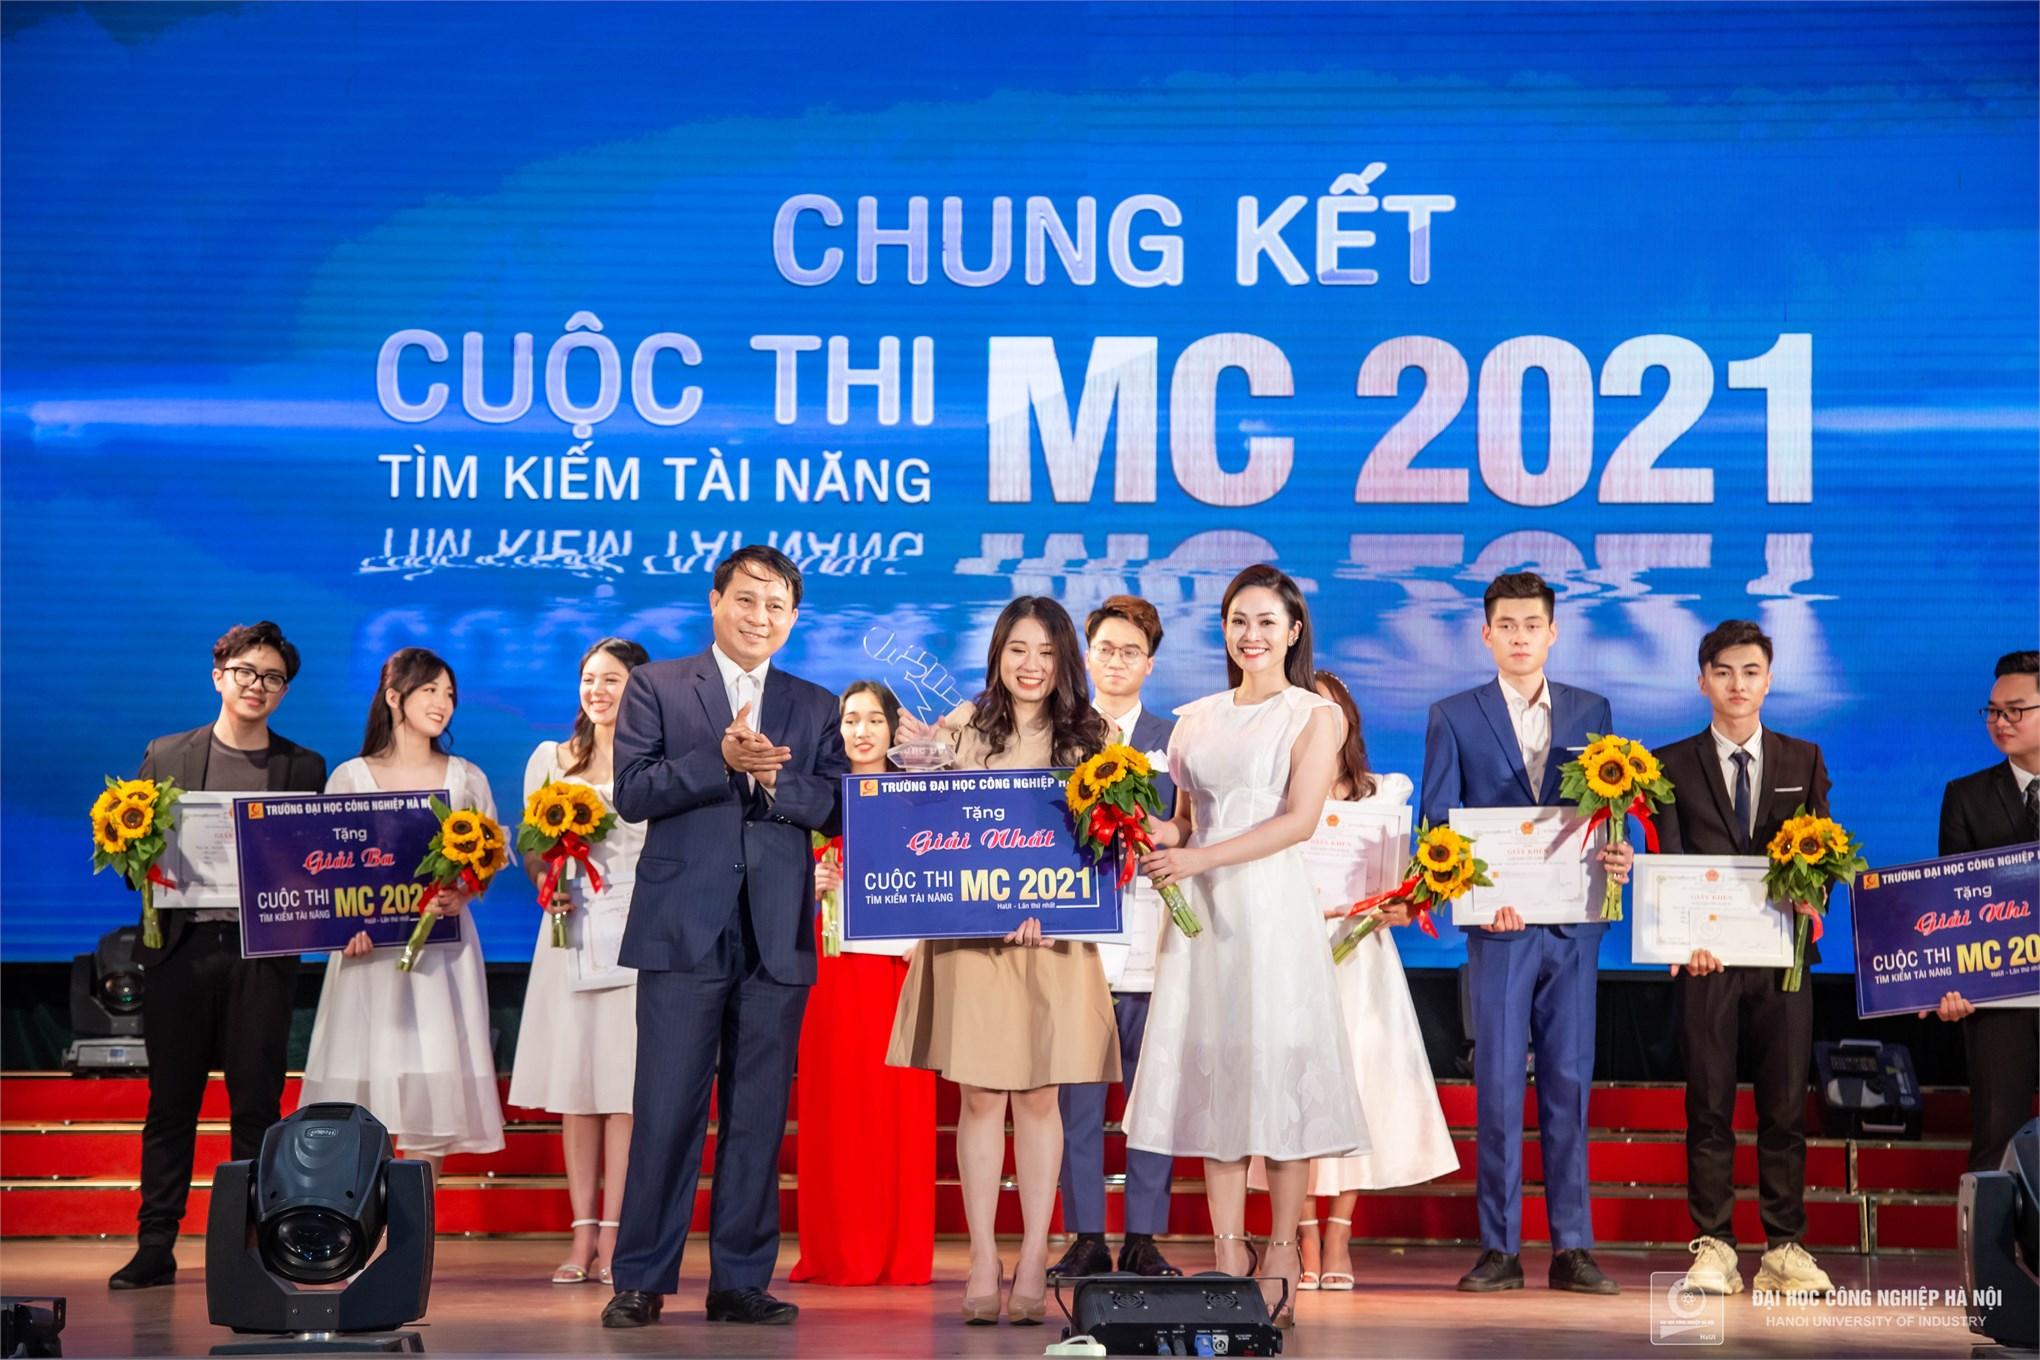 chung kết cuộc thi Tìm kiếm tài năng MC HaUI 2021